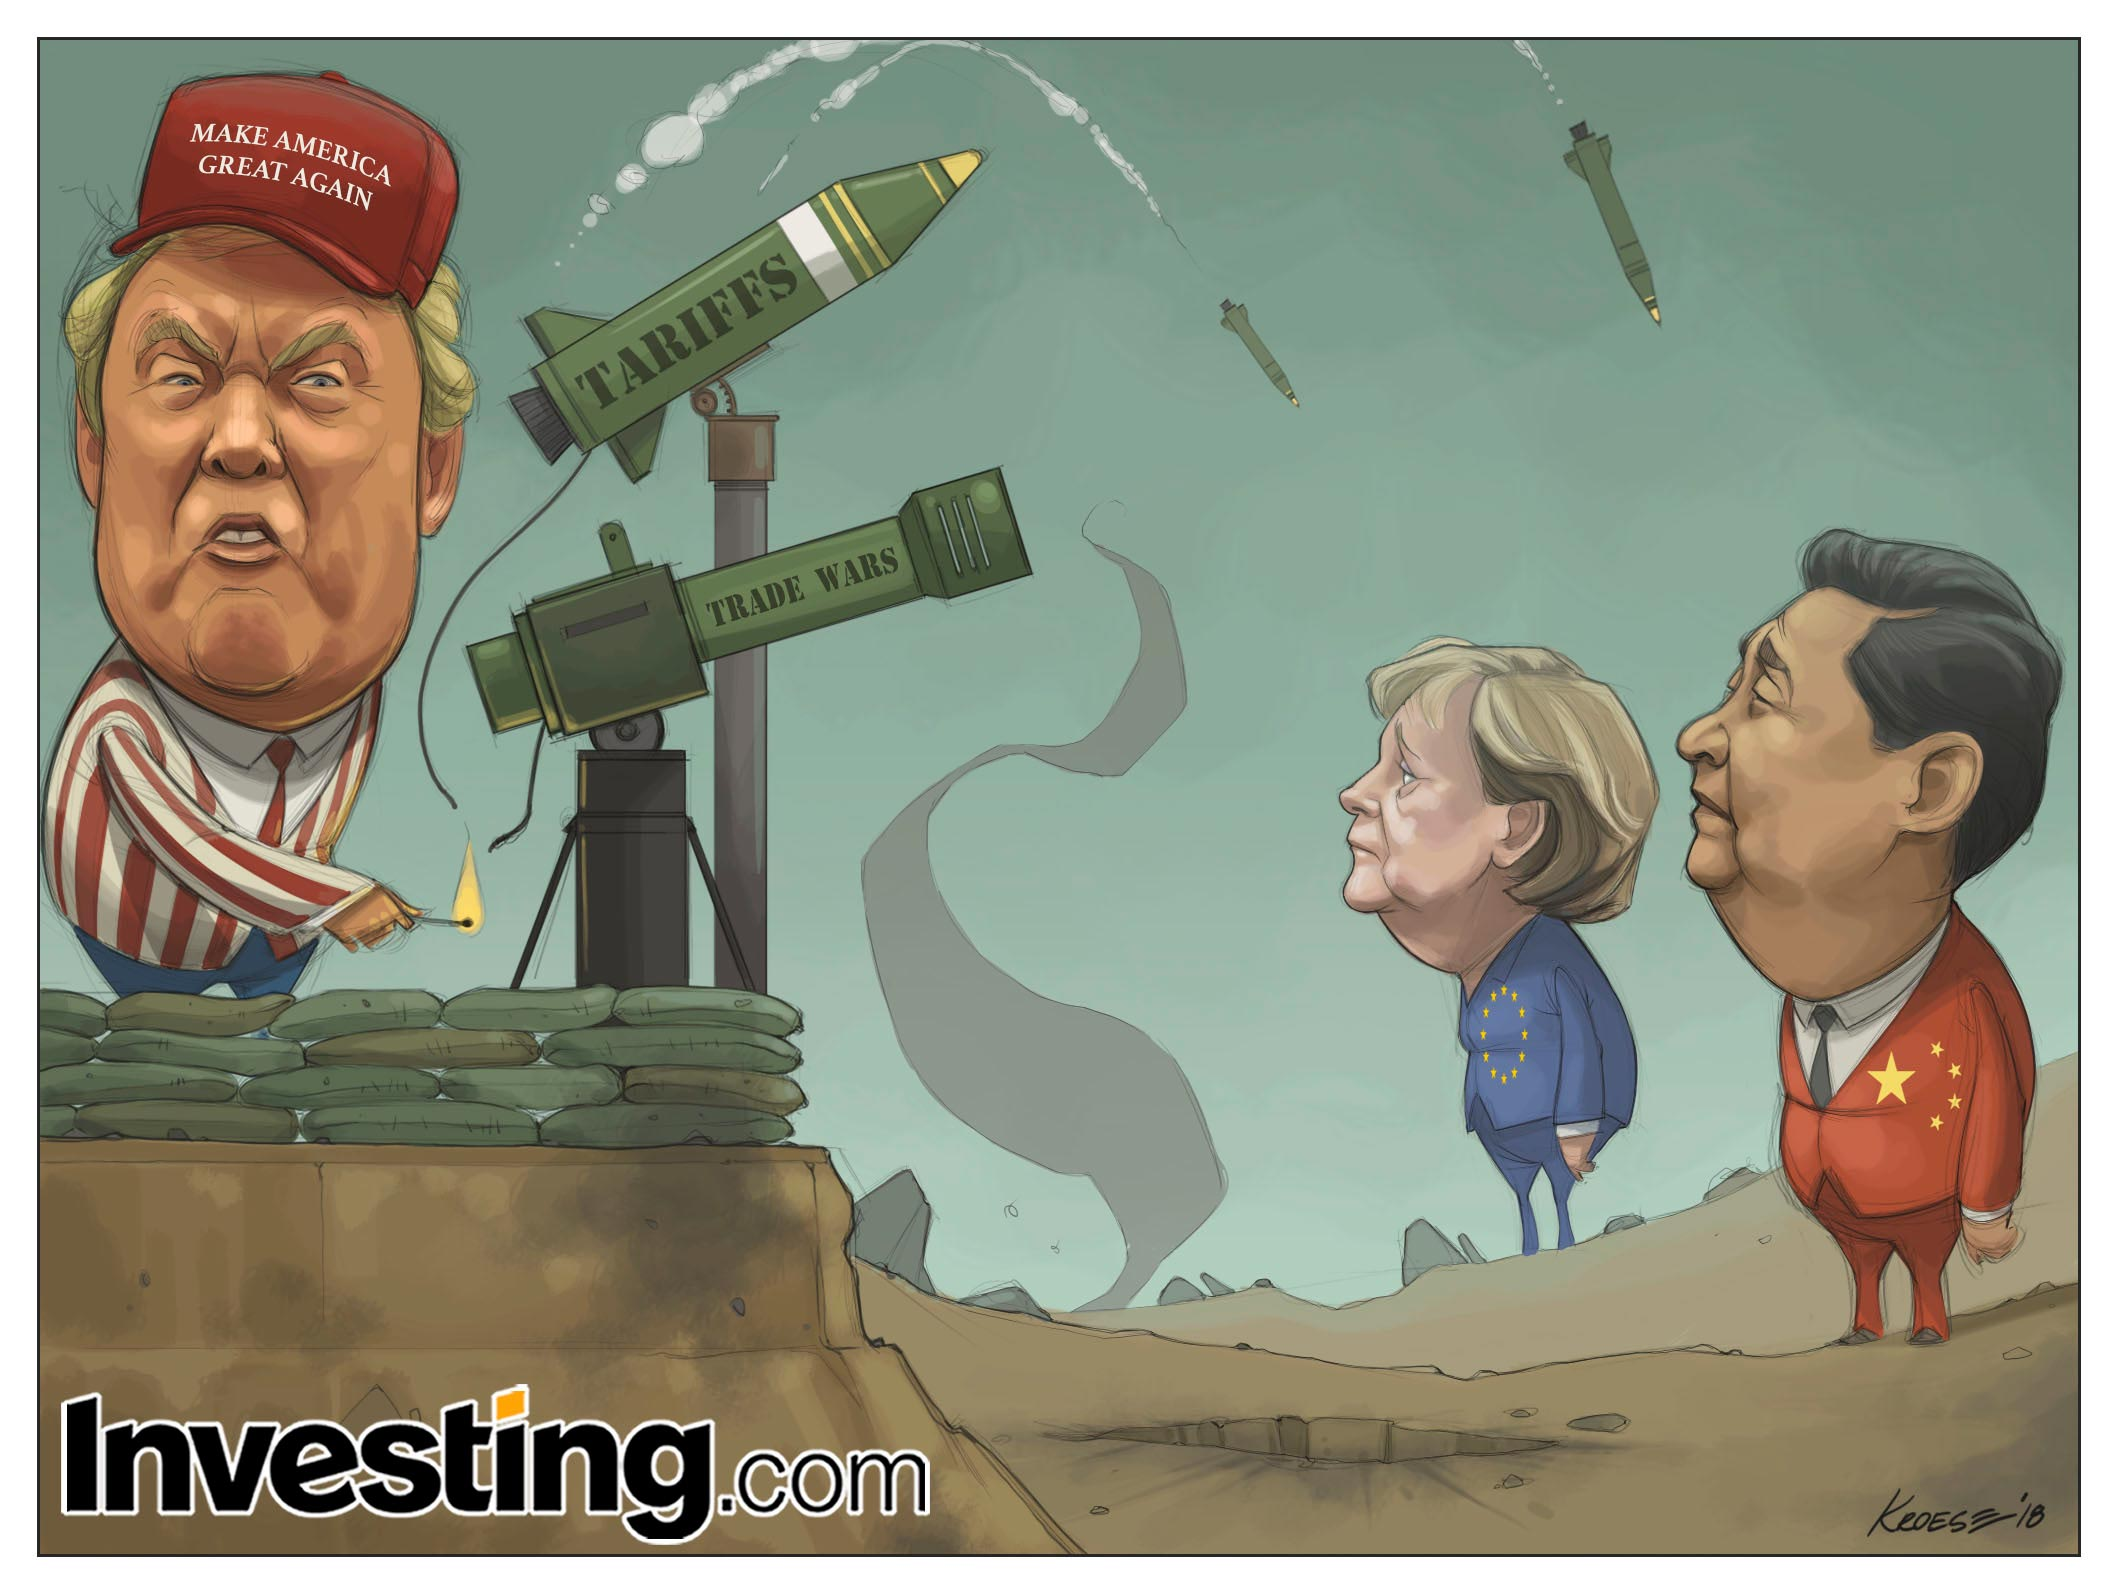 トランプ大統領の関税が世界貿易戦争の恐れに火をつける